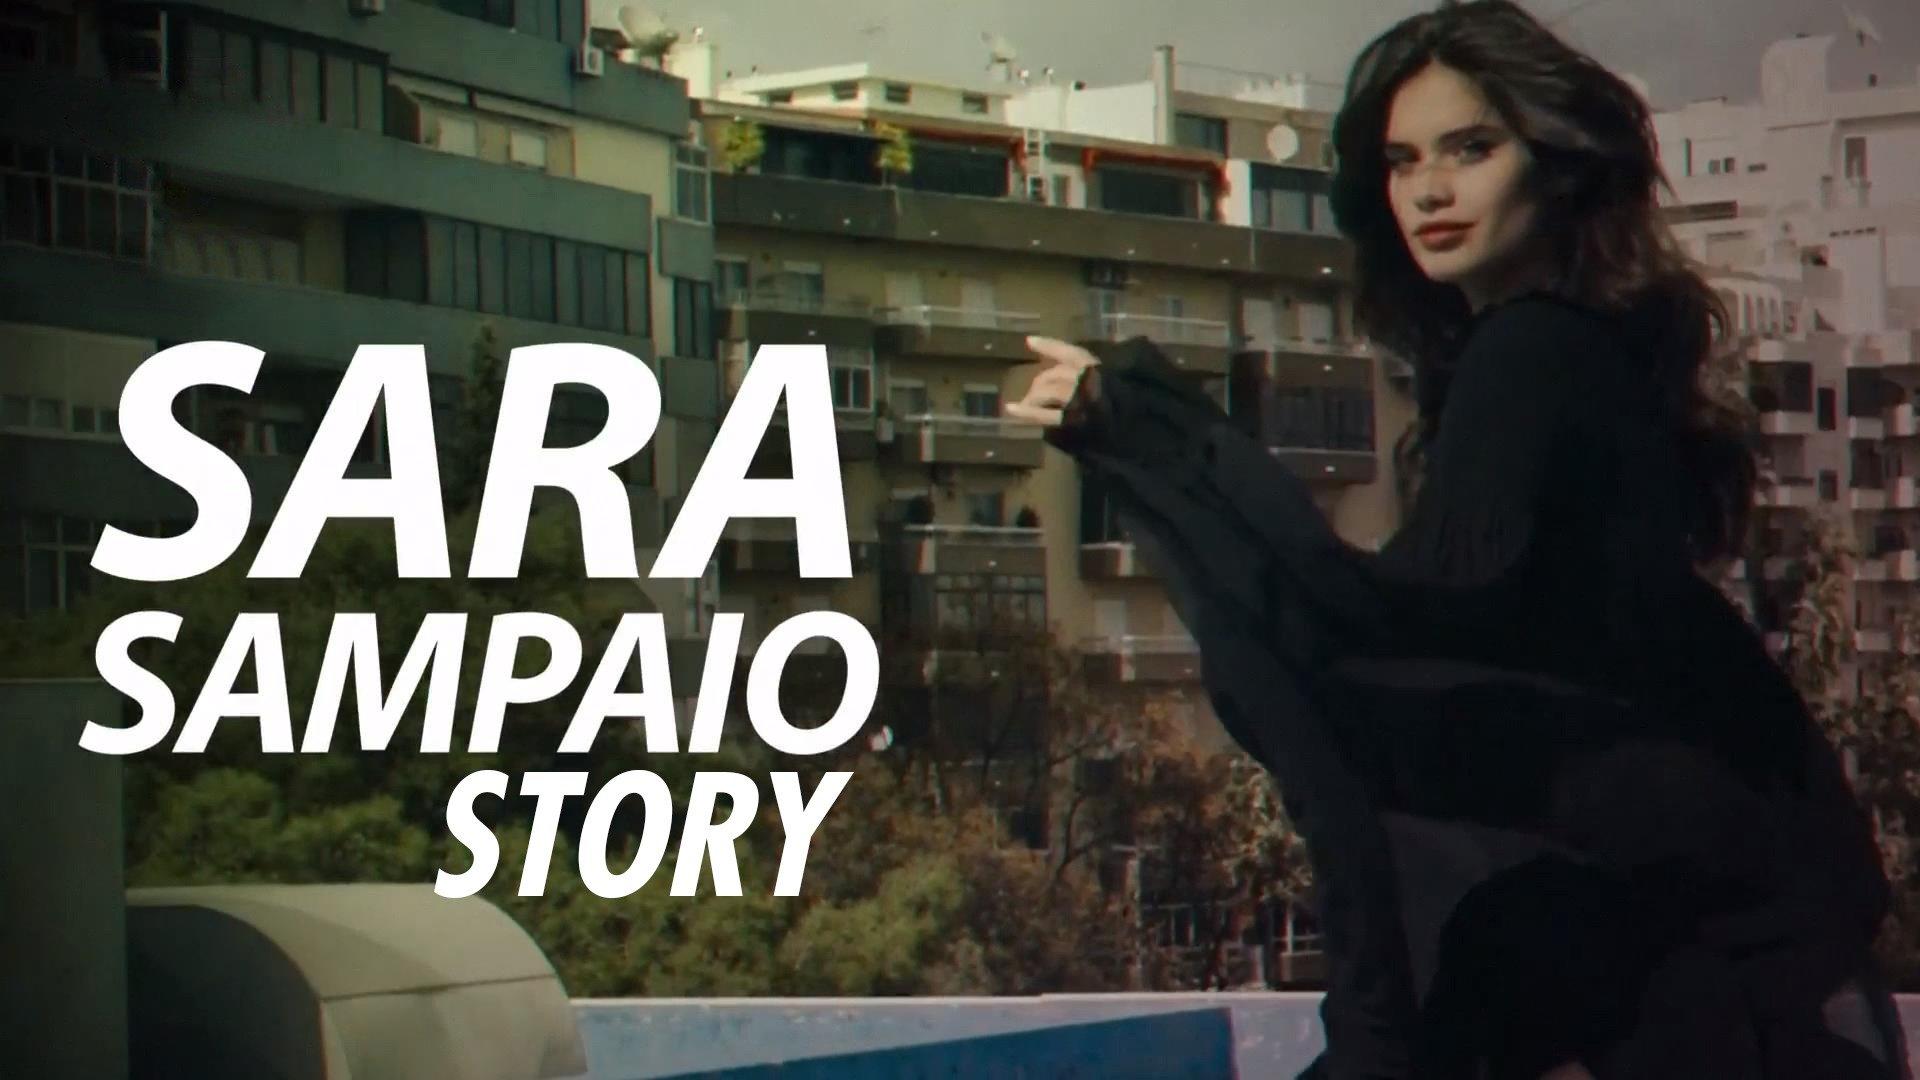 Sara Sampaio Story